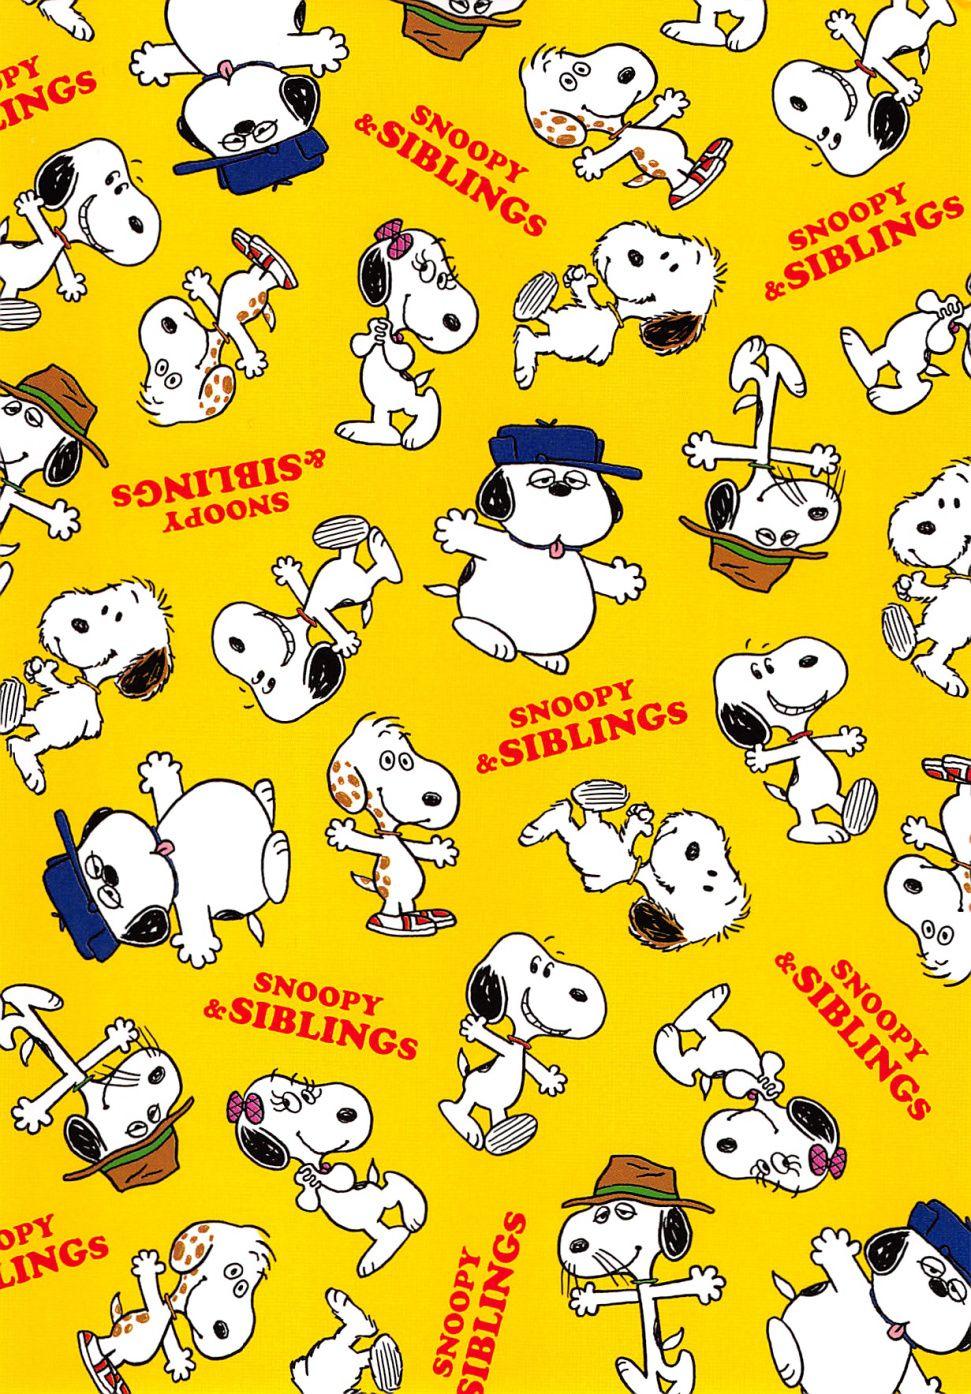 100 件 スヌーピー パターン おすすめの画像 スヌーピー パターン スヌーピーの壁紙